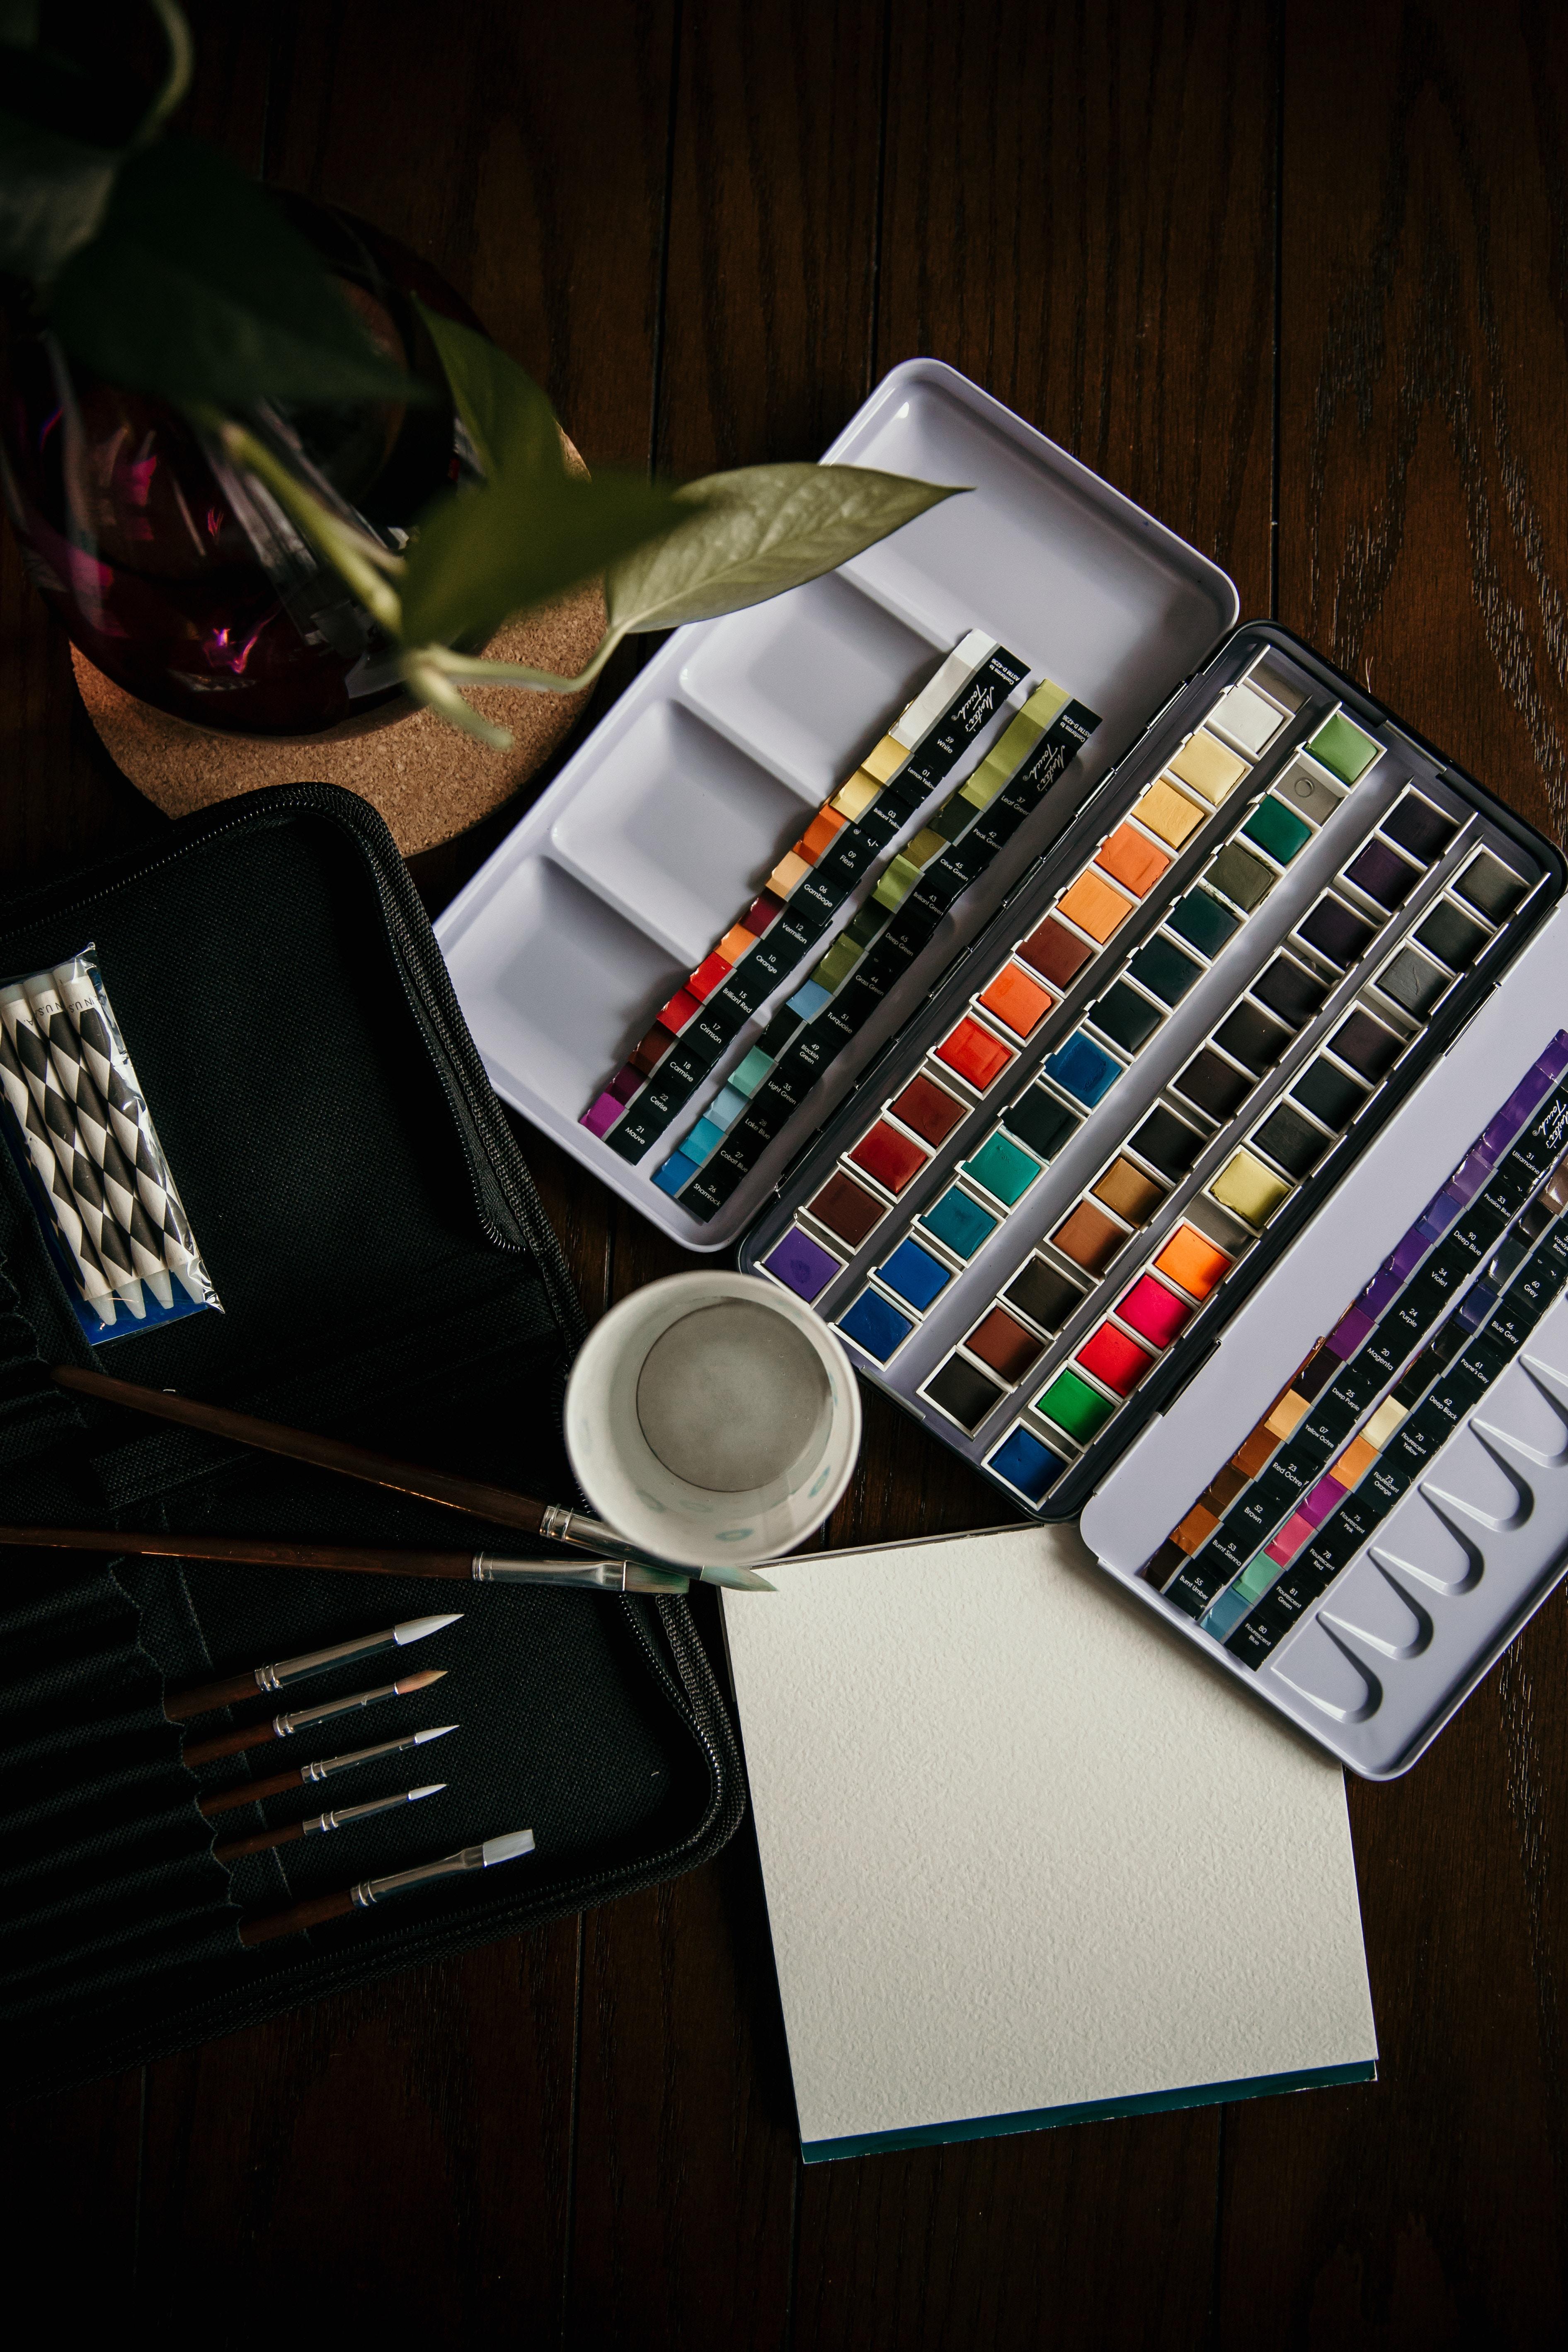 145026 Hintergrundbild herunterladen Künstler, Verschiedenes, Sonstige, Farben, Bürsten, Aquarell - Bildschirmschoner und Bilder kostenlos